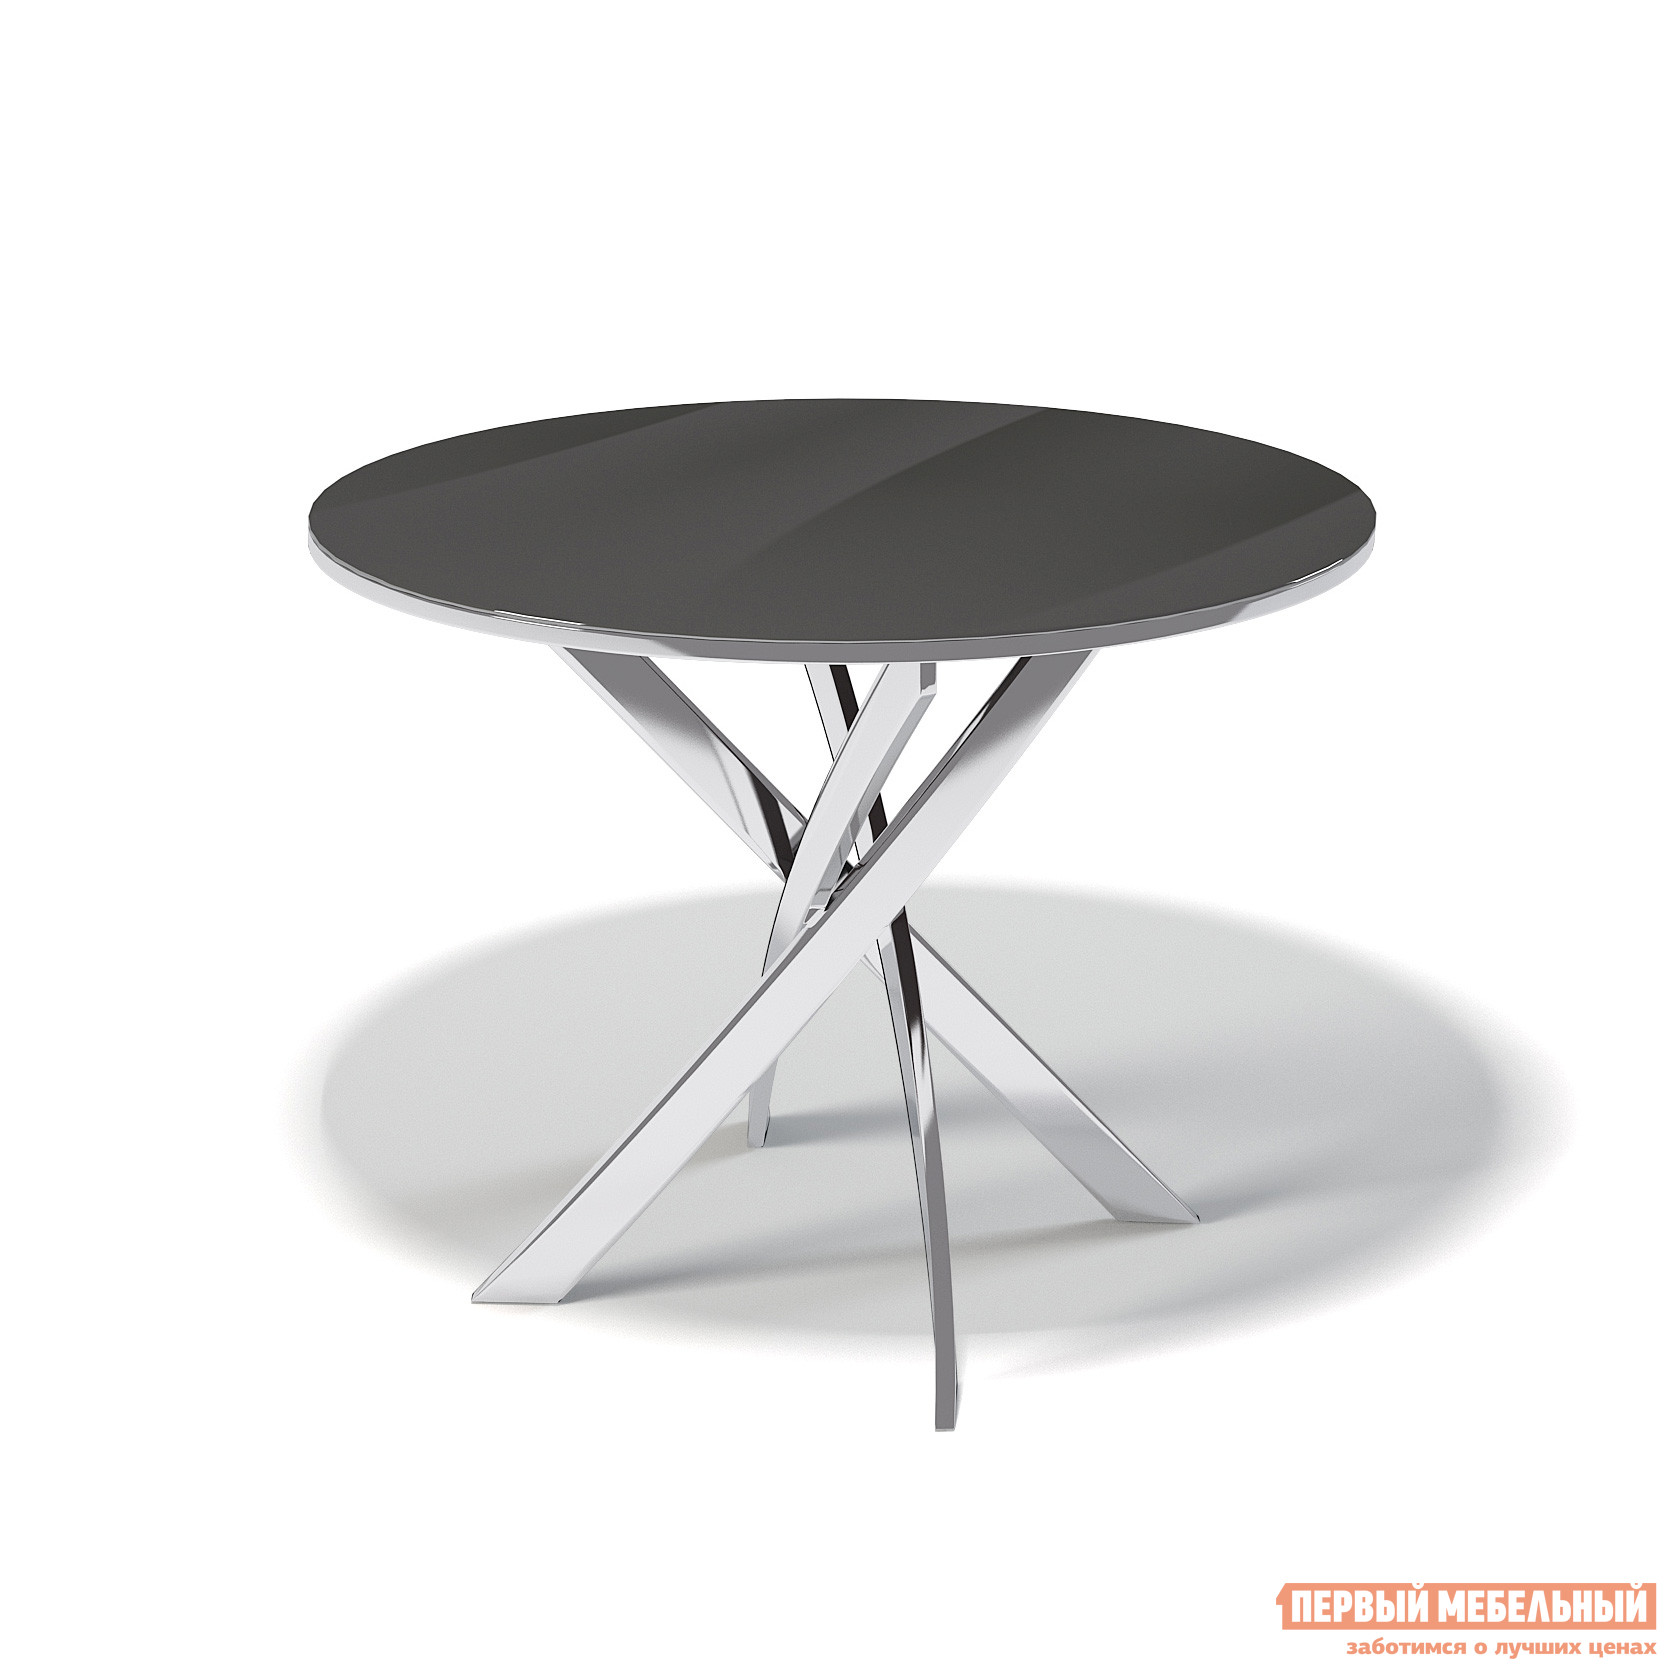 Кухонный стол ДИК KENNER R1000 Хром / Стекло черное ДИК Габаритные размеры ВхШхГ 750x1000x1000 мм. Модный и стильный обеденный стол с круглой стеклянной столешницей.  Особое внимание привлекают четыре серебристые ножки, оригинально переплетенные между собой, которые обеспечивают столу устойчивость.  Такая модель станет центральным элементом современного интерьера кухни или столовой зоны. <br>Столешница изготавливается из ударопрочного стекла толщиной 10 мм, которое устойчиво к воздействию влаги, холодных и горячих предметов, чистящих средств (кроме абразивных материалов).  В цветах «черный» и «белый» столешница оклеена плёнкой с обратной стороны.  Кромка — глянцевая, в цвет стола.  Стол выдерживает нагрузку до 60 кг. <br>Прочные ножки выполняются из стали толщиной 2 мм (внутри полые) с хромированным покрытием и оснащены регулировочными винтами, которые позволят скорректировать устойчивость стола на неровном покрытии. <br>